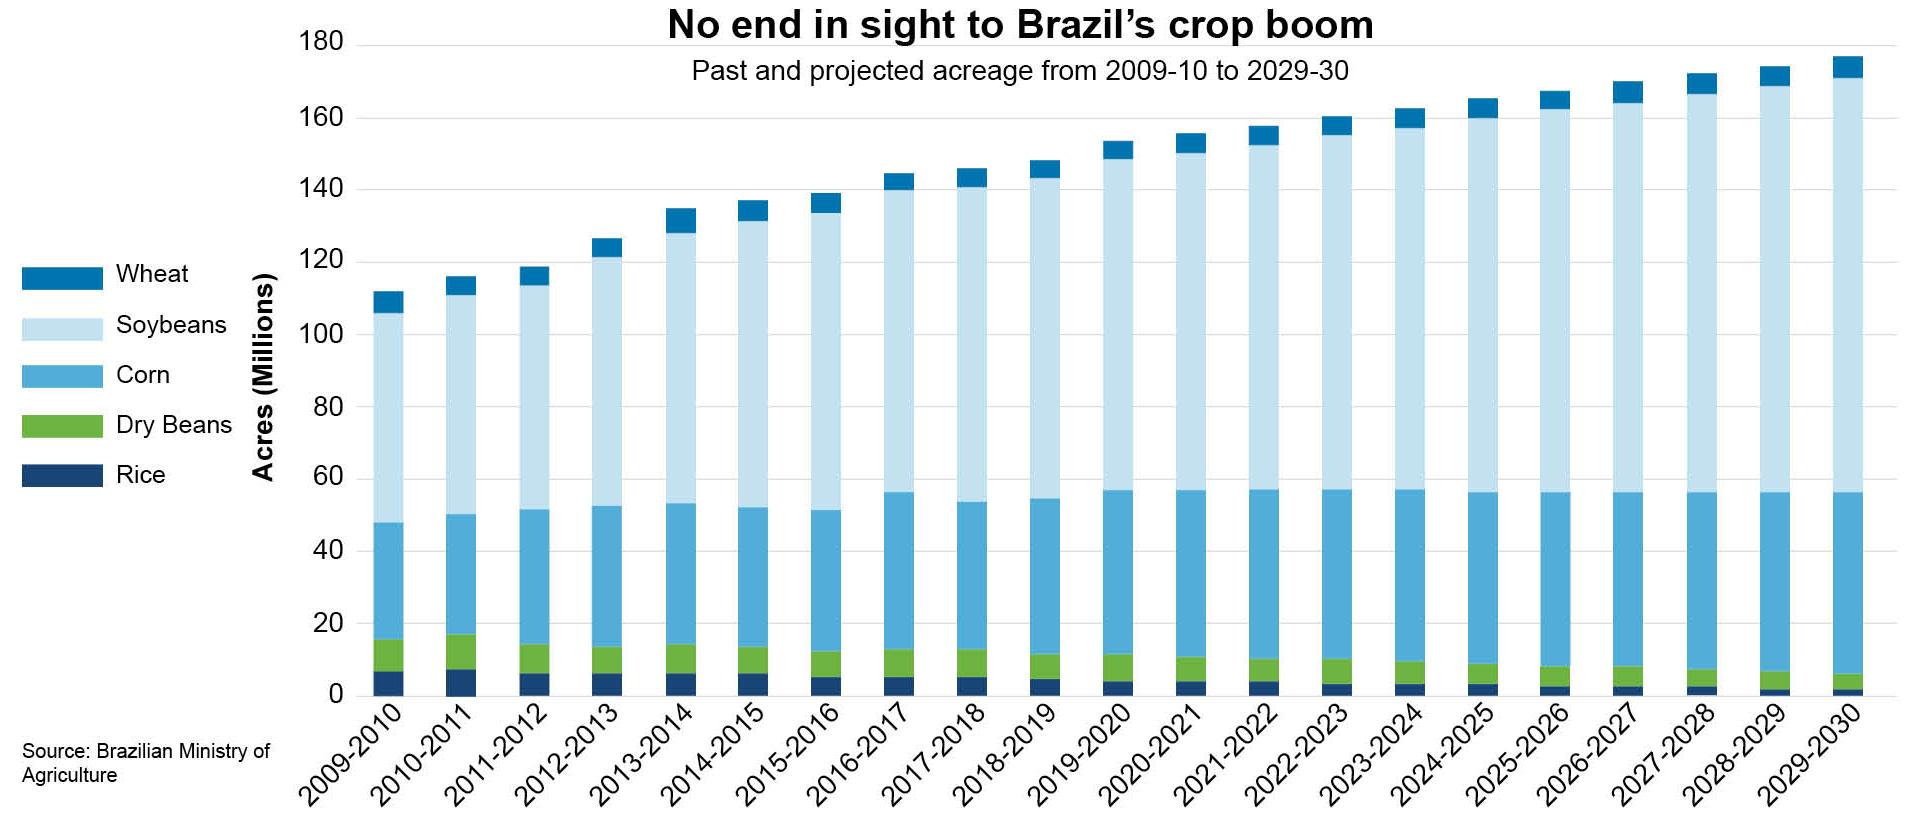 Brazil crop future